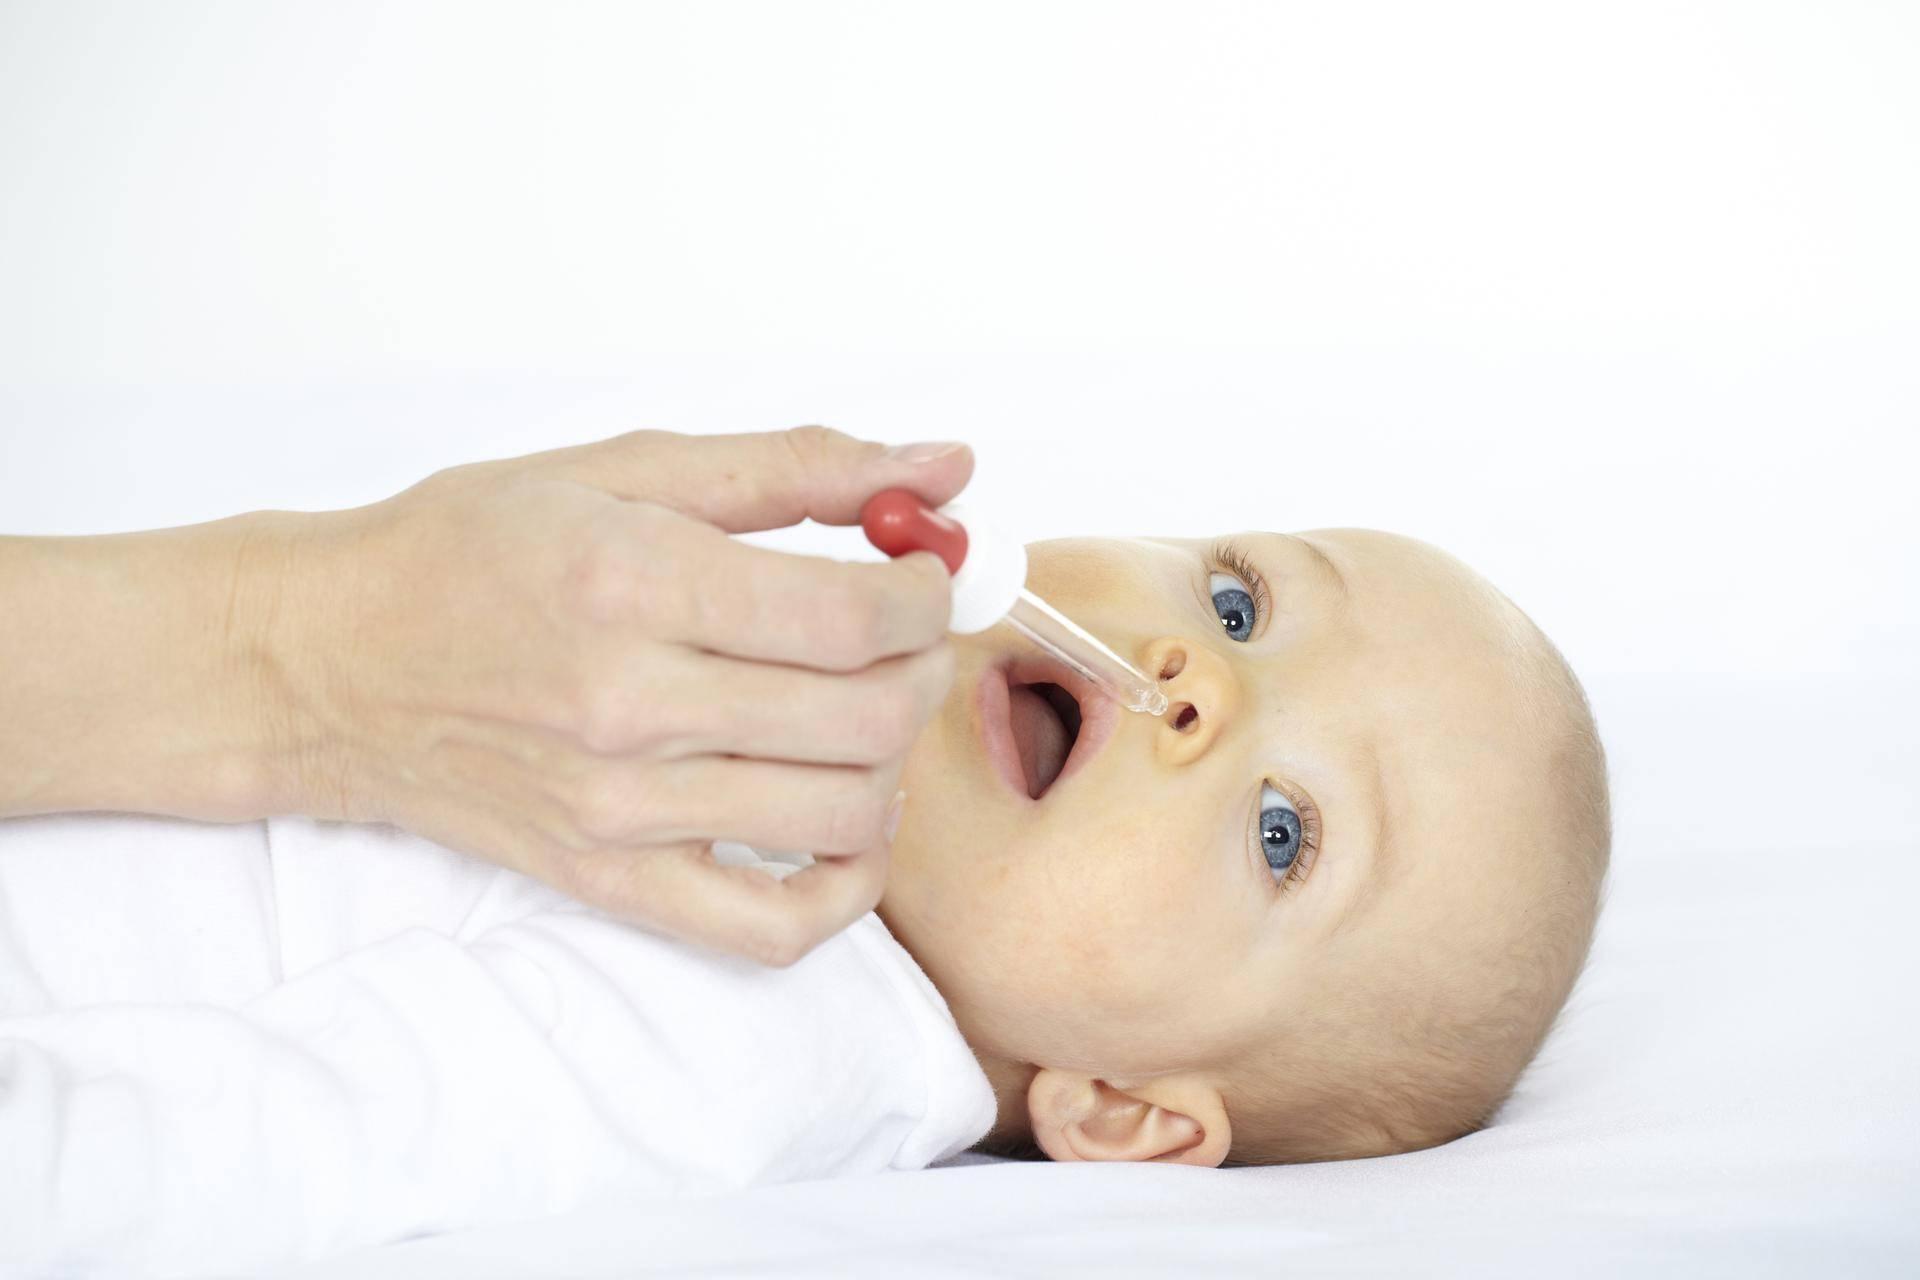 Как капать капли в нос новорожденному? | медик03